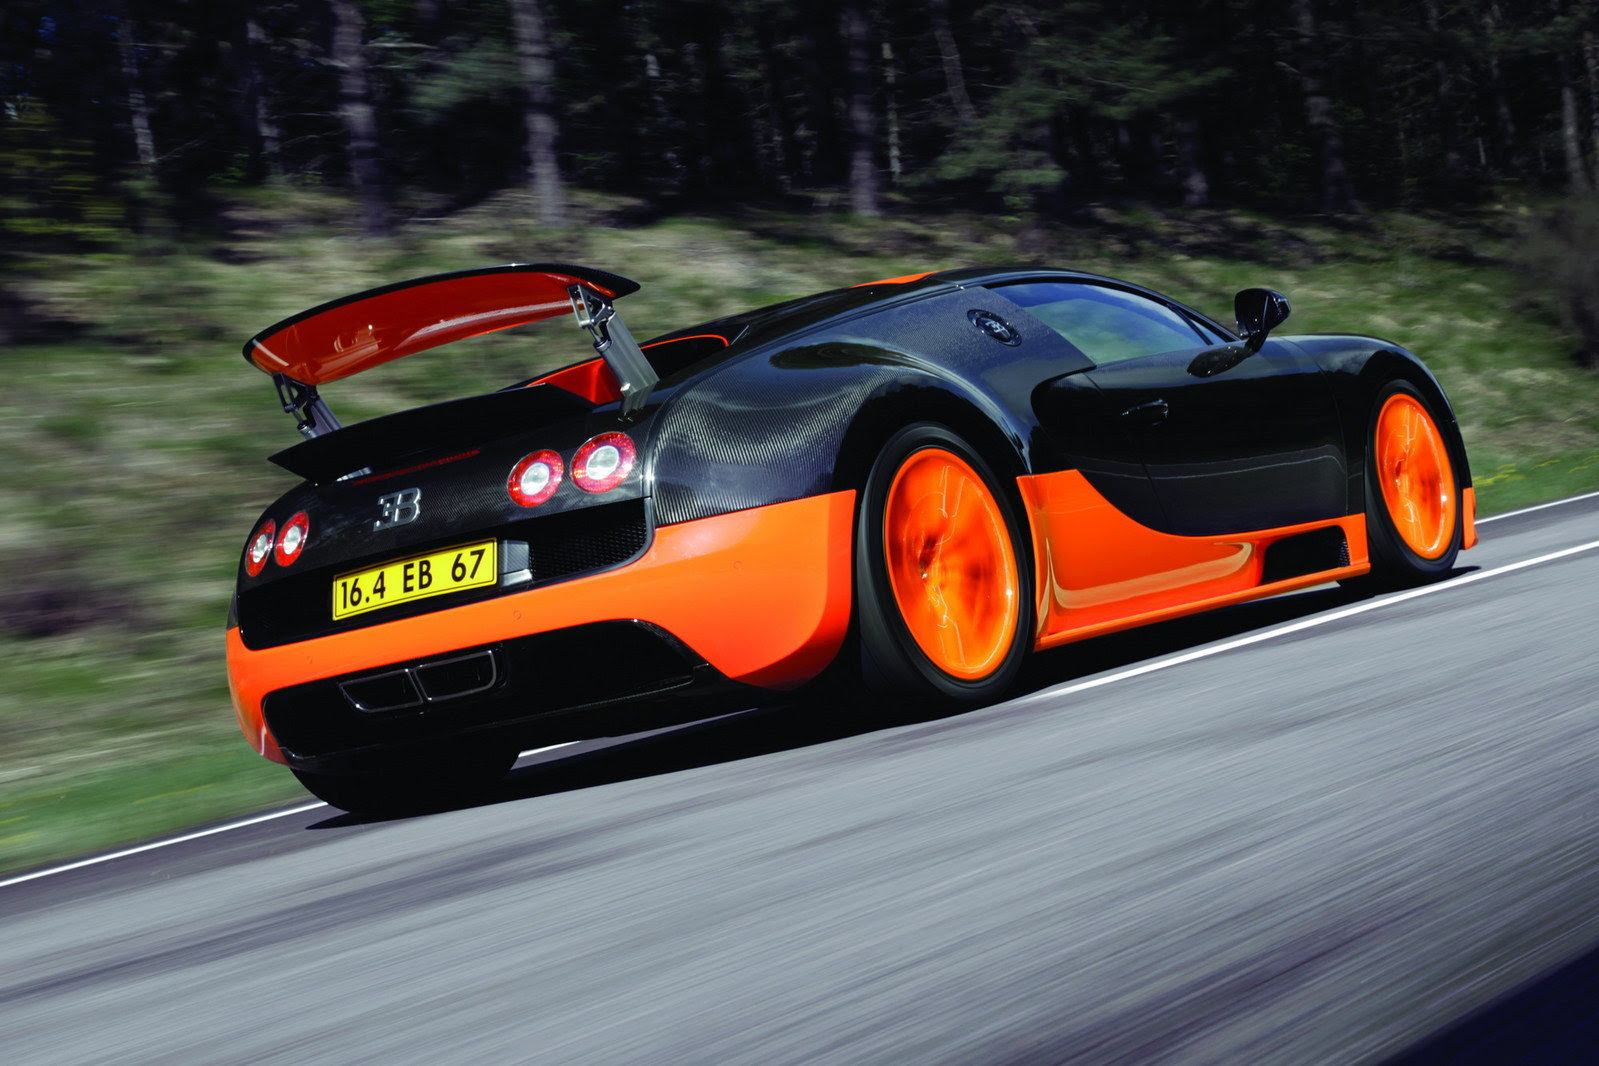 2011 Bugatti Veyron 16.4 Super Sport - Picture 367870 ...